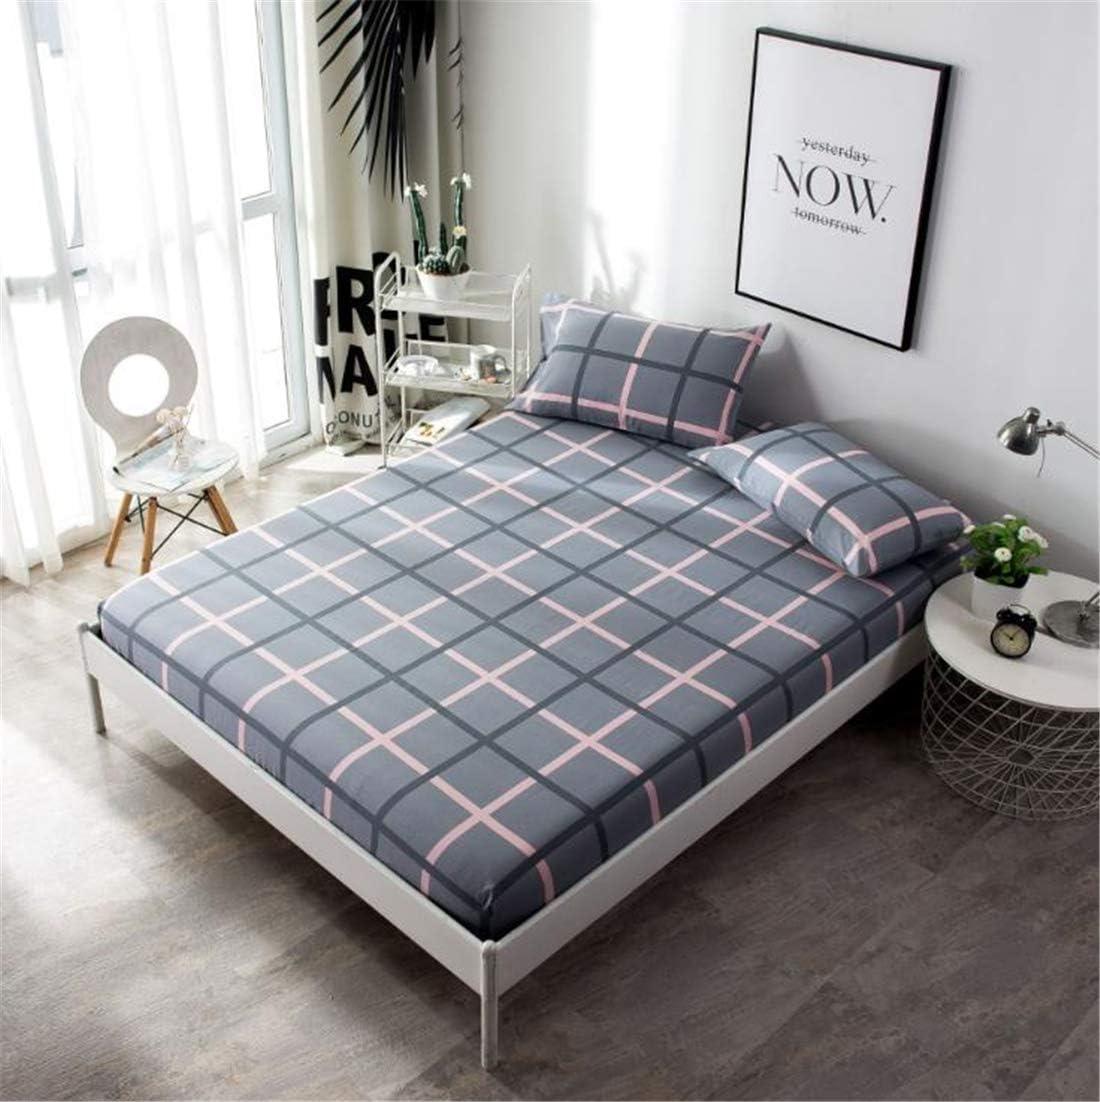 CHLCH Funda de colchón, Impermeable, Transpirable,Malla de algodón ...